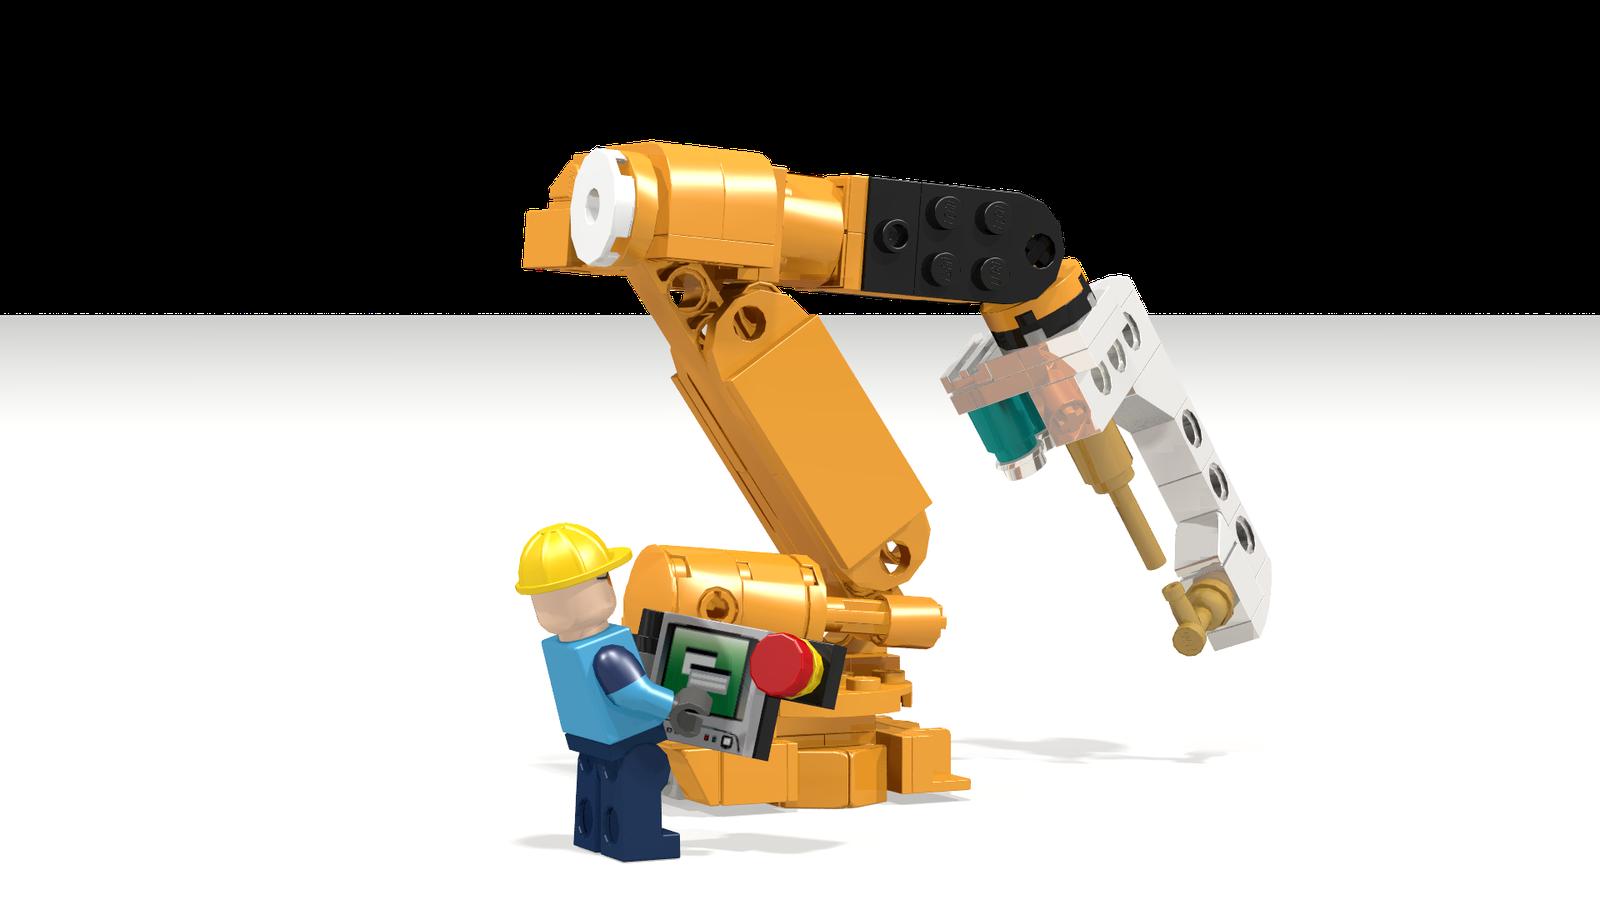 LEGO IDEAS - Product Ideas - Robot Programmer 4186aec96b